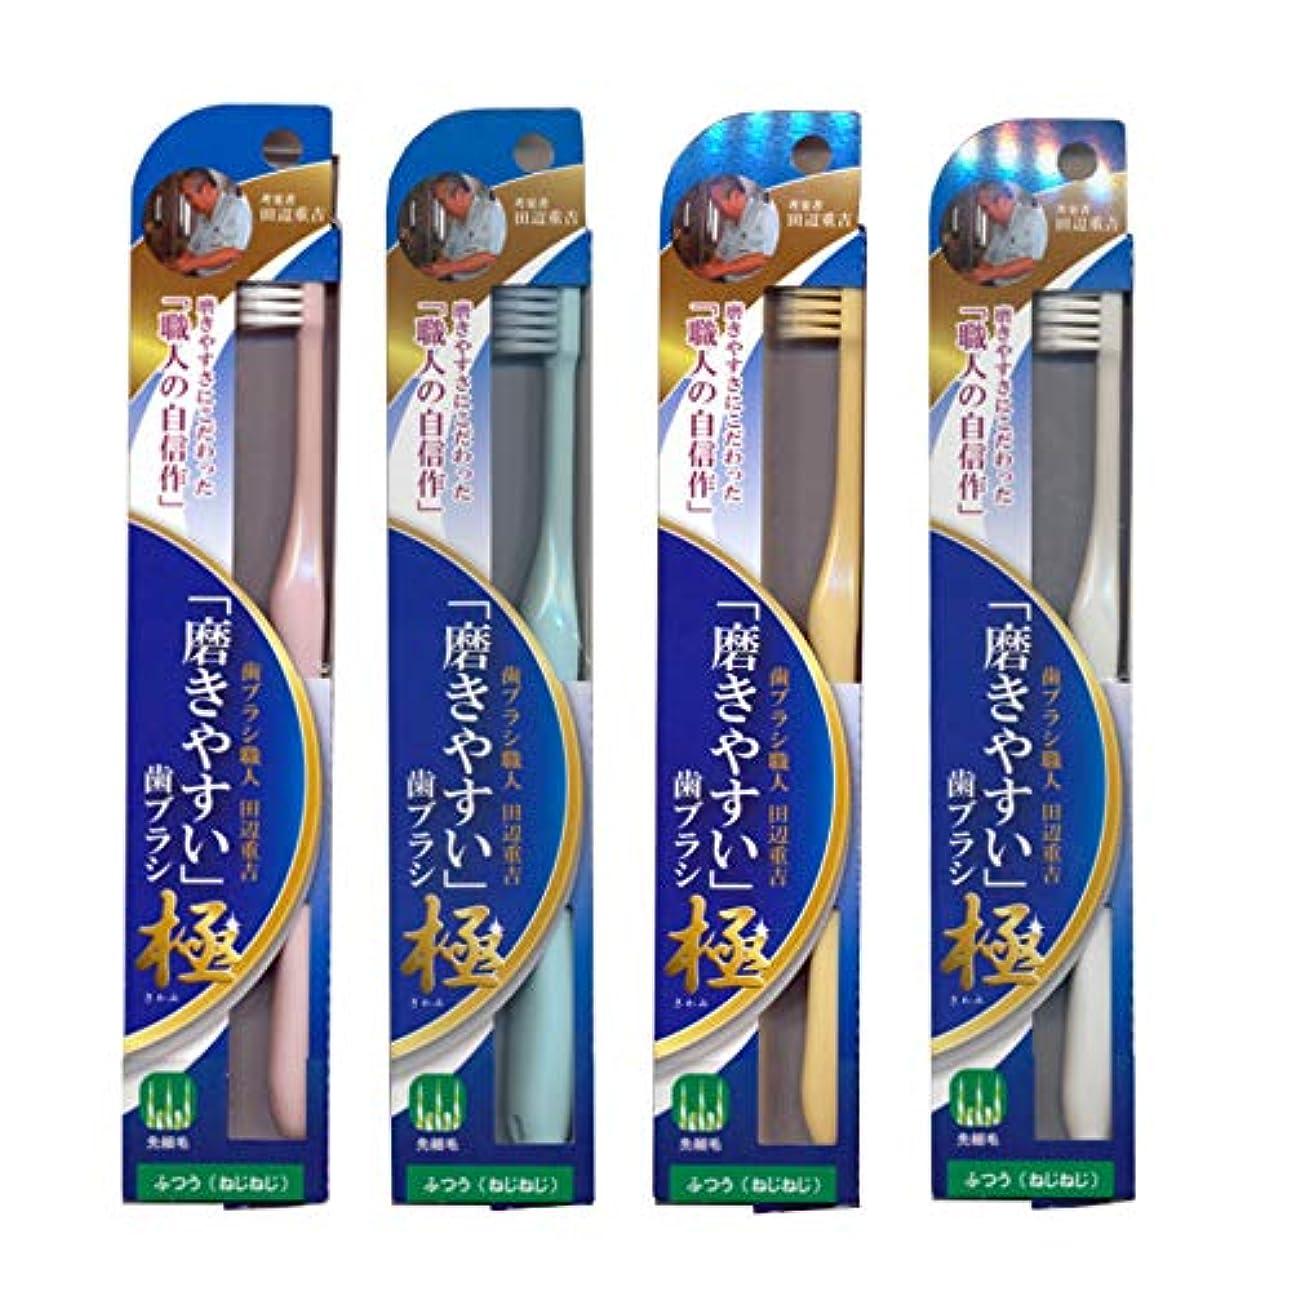 フロント血一部磨きやすい歯ブラシ極 (ふつう ねじねじ) LT-45×12本セット(ピンク×3、ブルー×3、ホワイト×3、イエロー×3) 先細毛